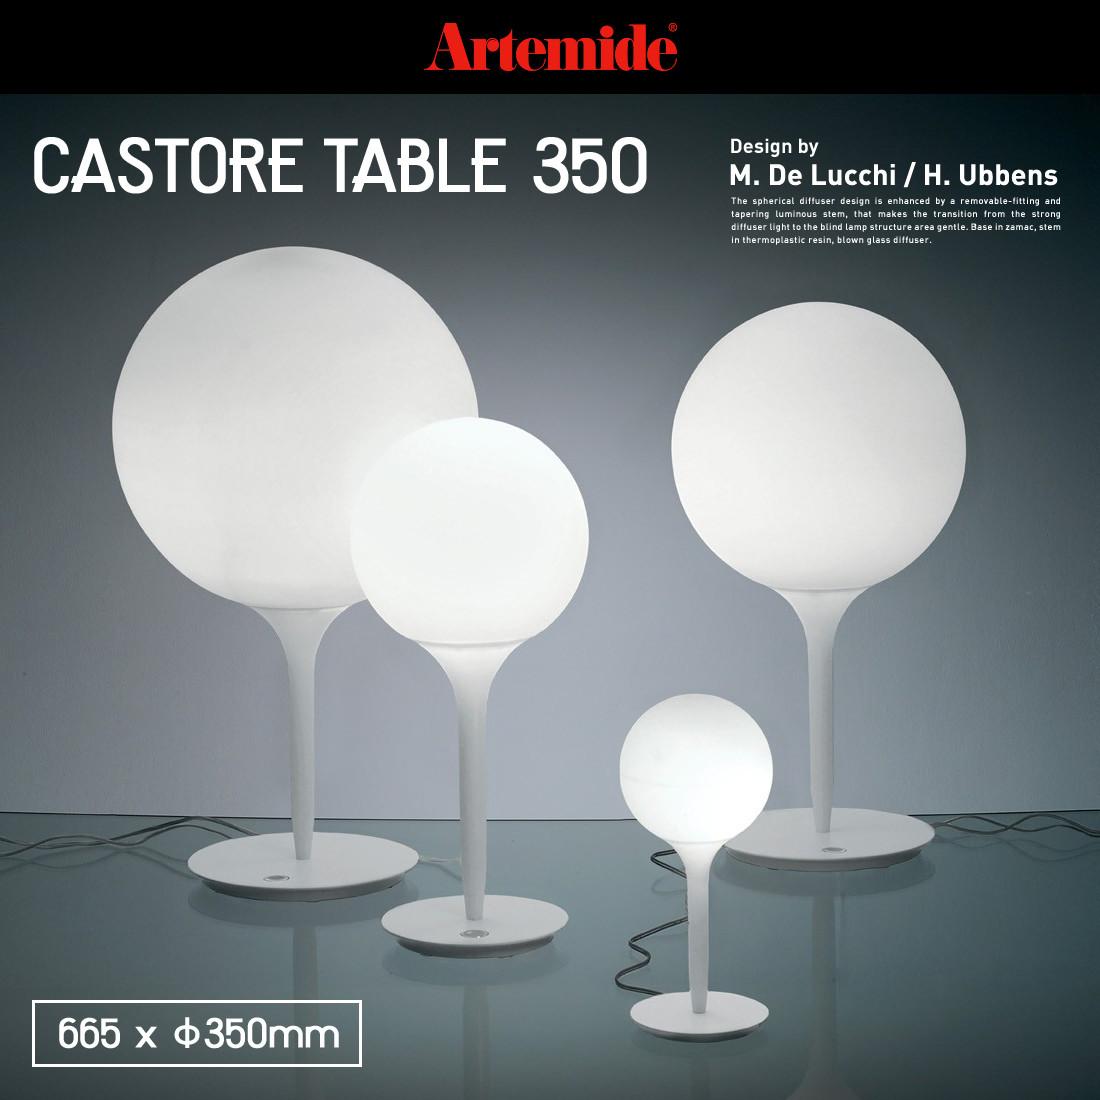 【Artemide アルテミデ】 CASTORE TAVOLO 35 S7221 ライト 照明 リビング キッチン ダイニング スタンドライト 卓上